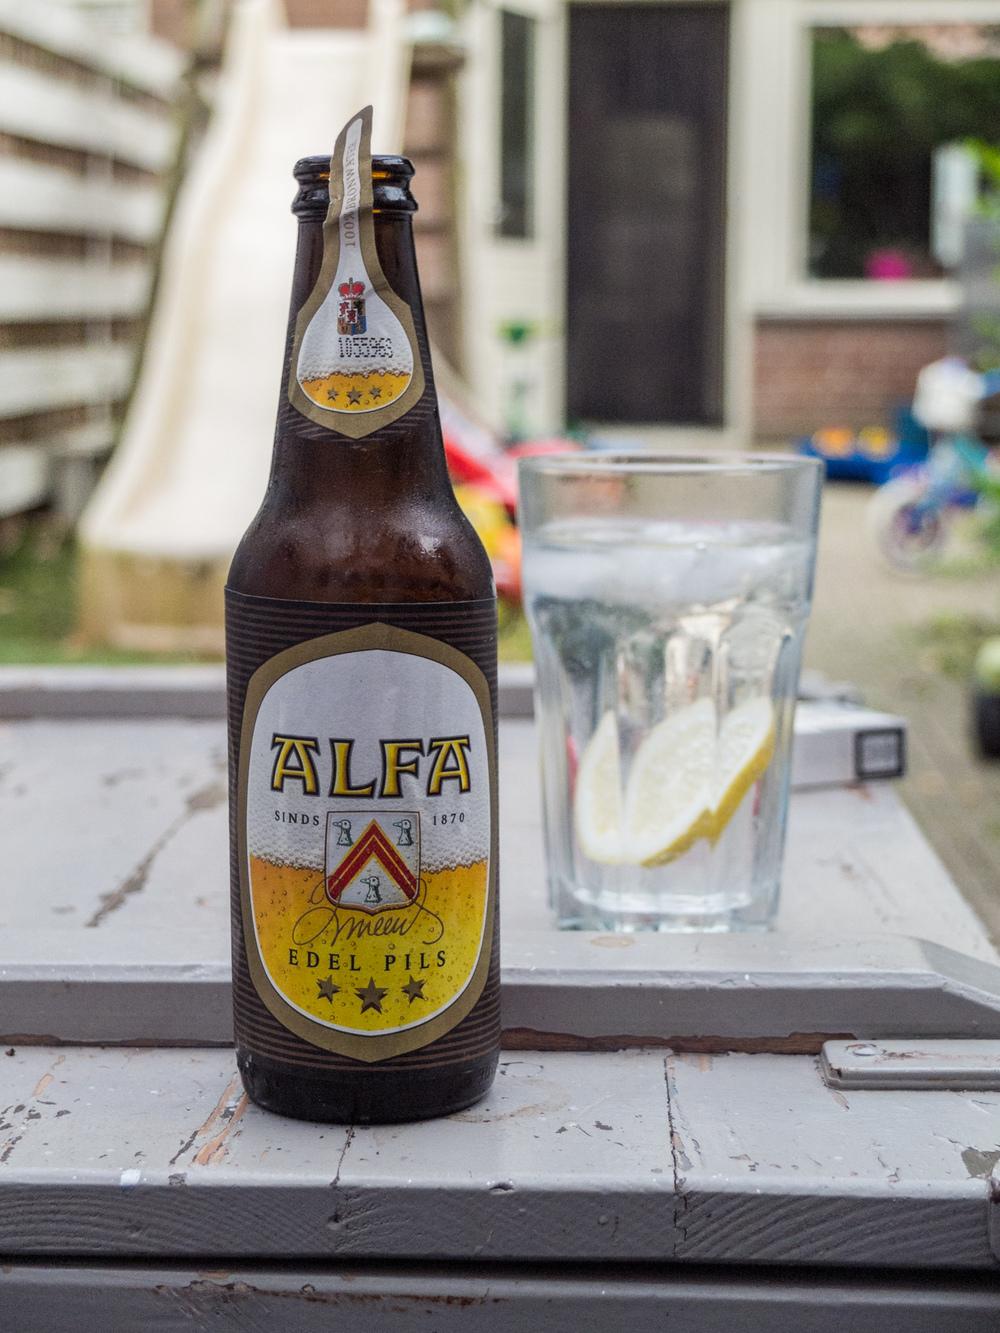 Alfa beer bokeh